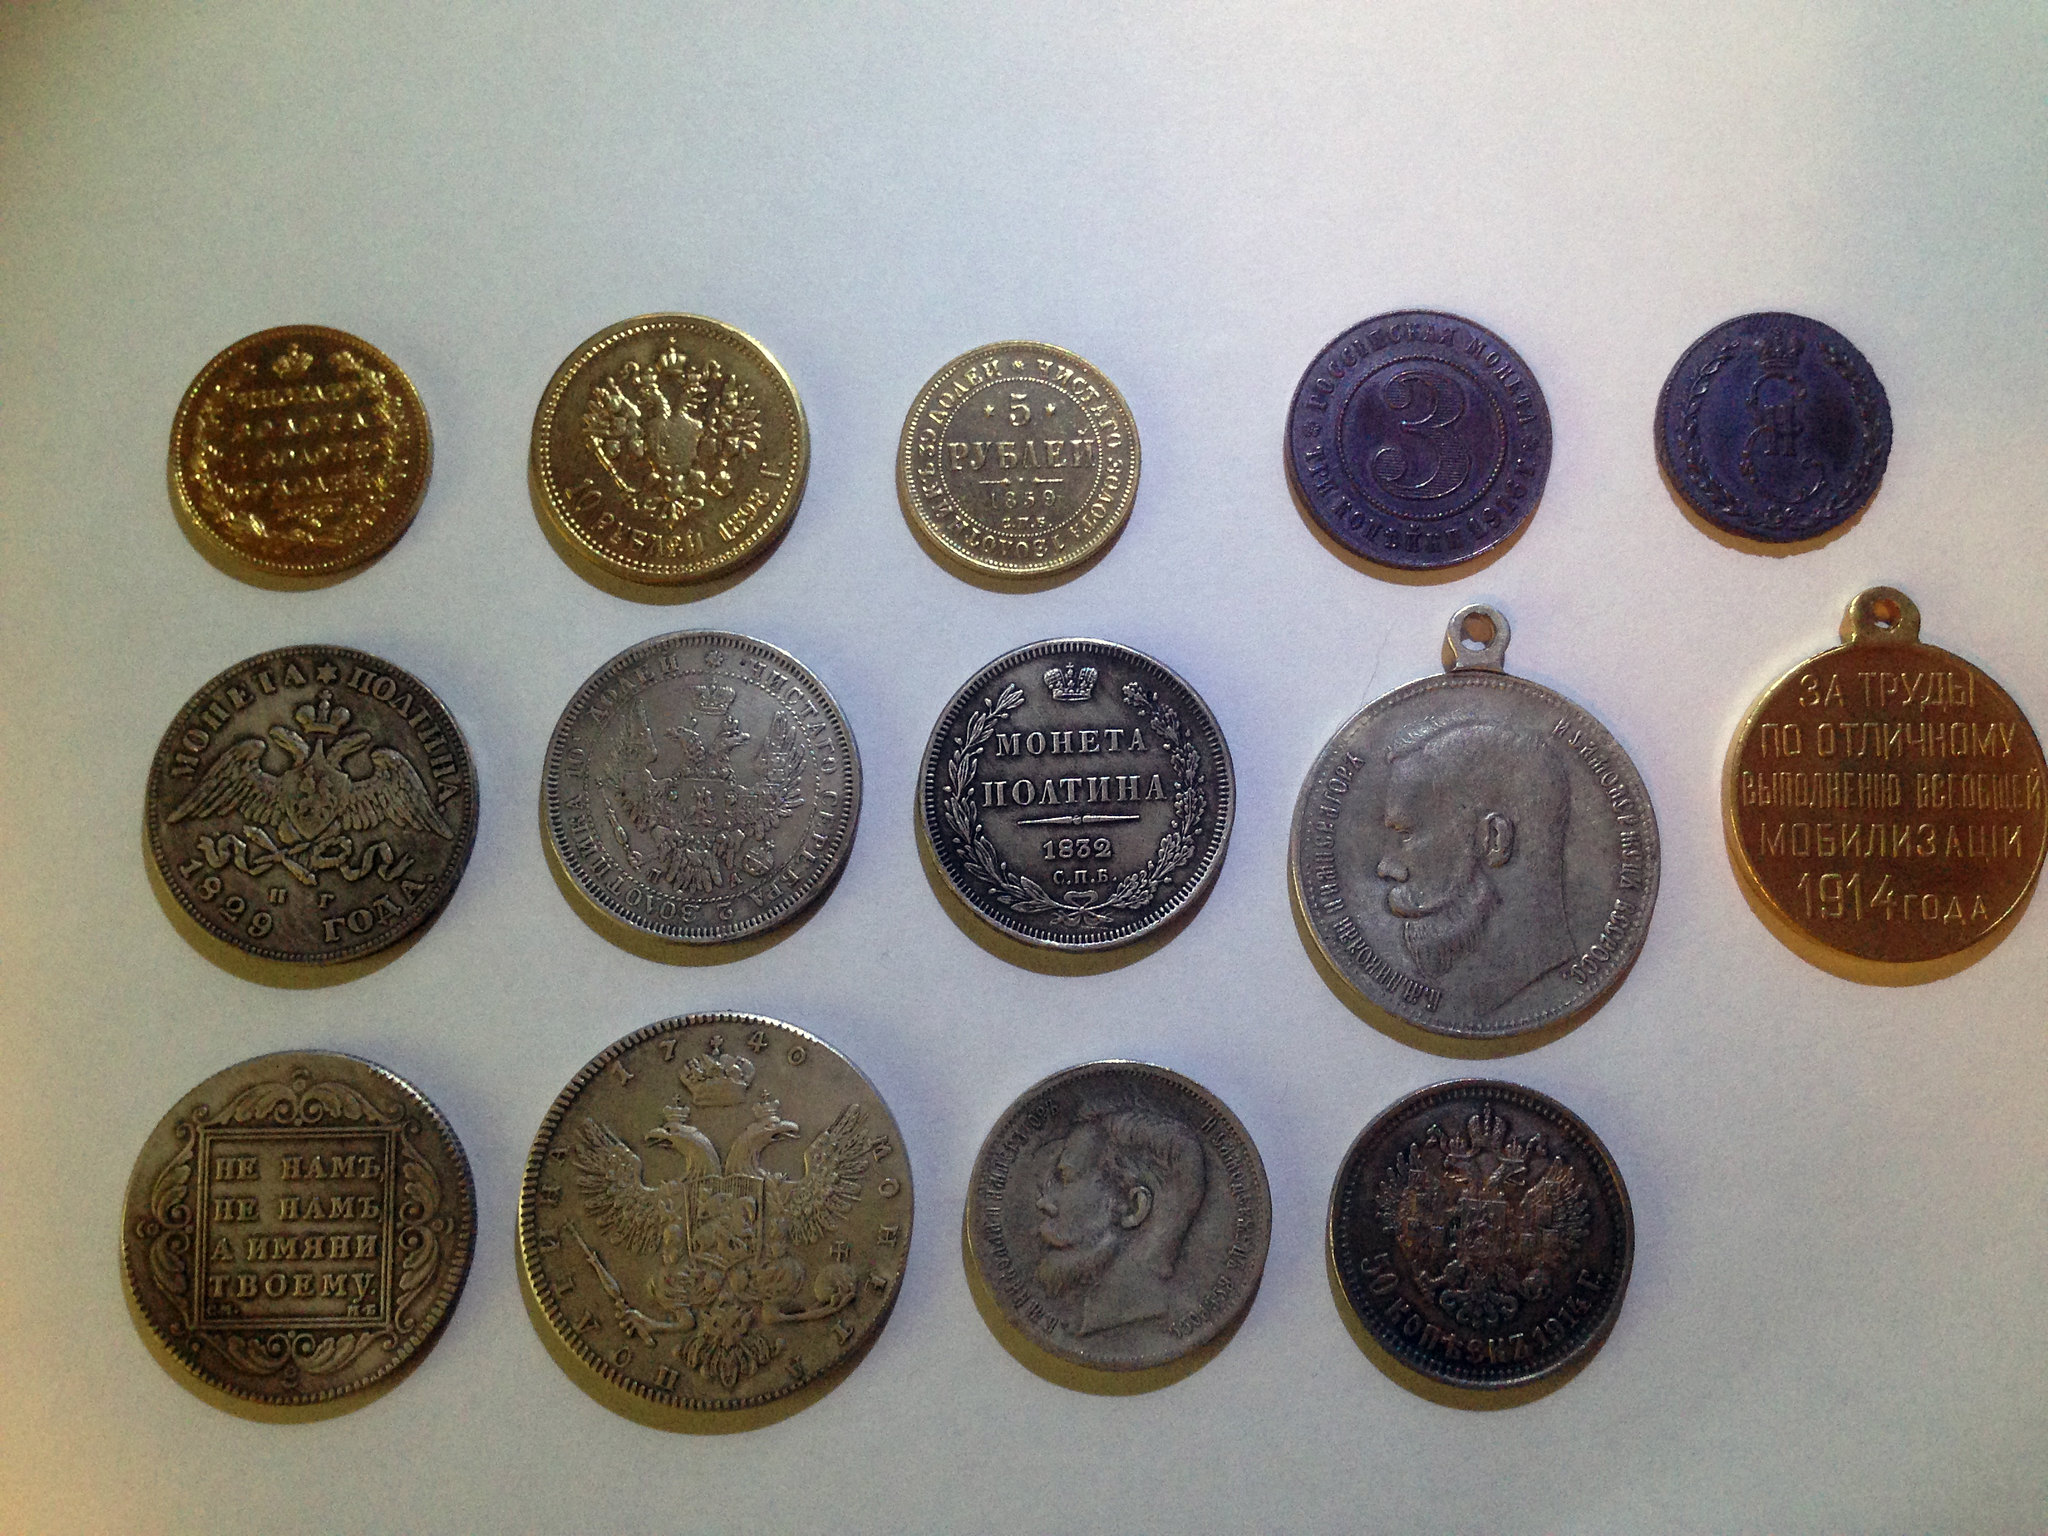 старинные монеты подделки фото турок зовется